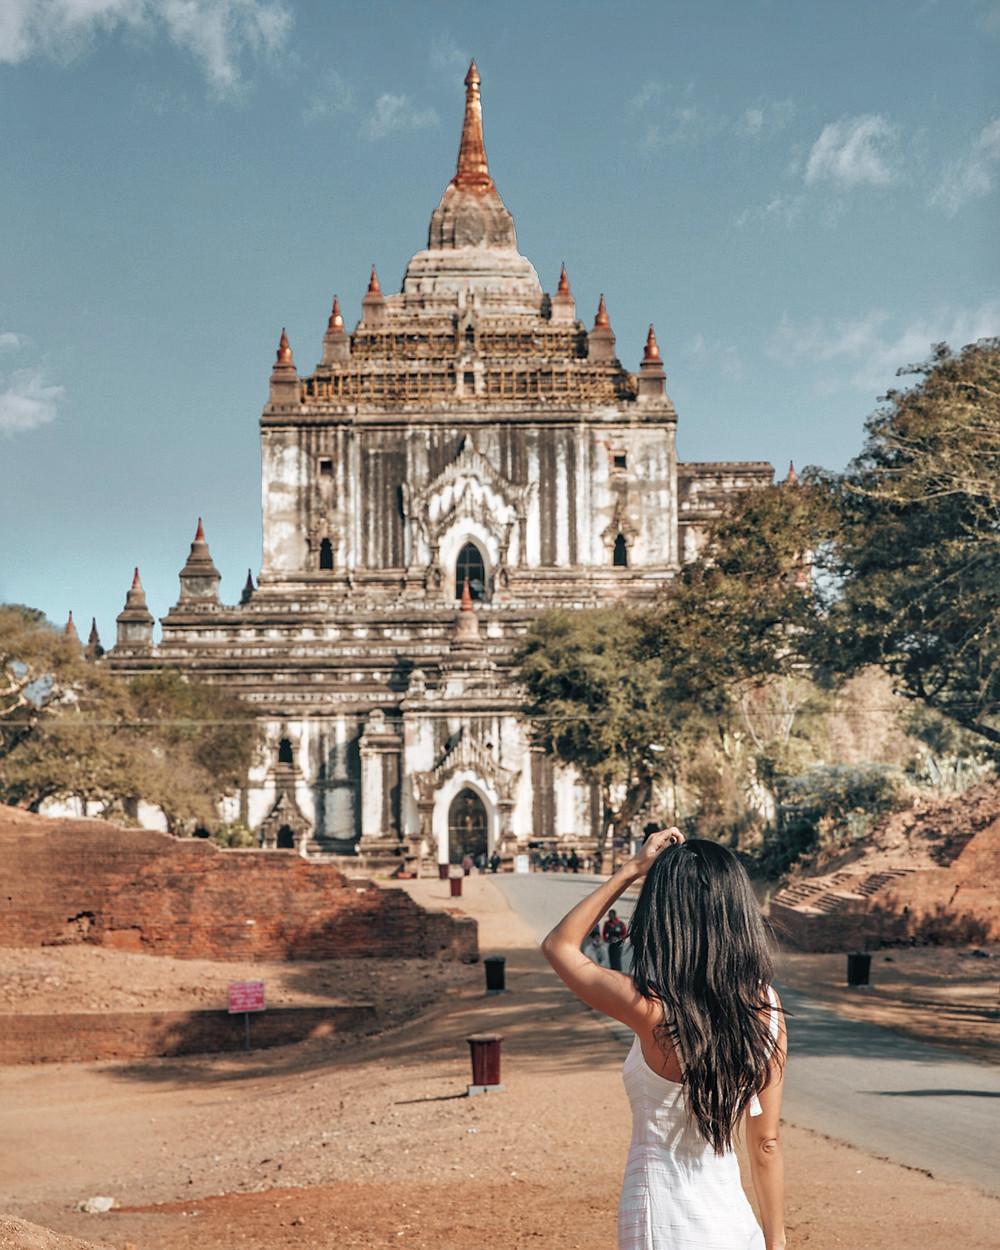 Thatbyinnyu Temple, Old Bagan, Myanmar